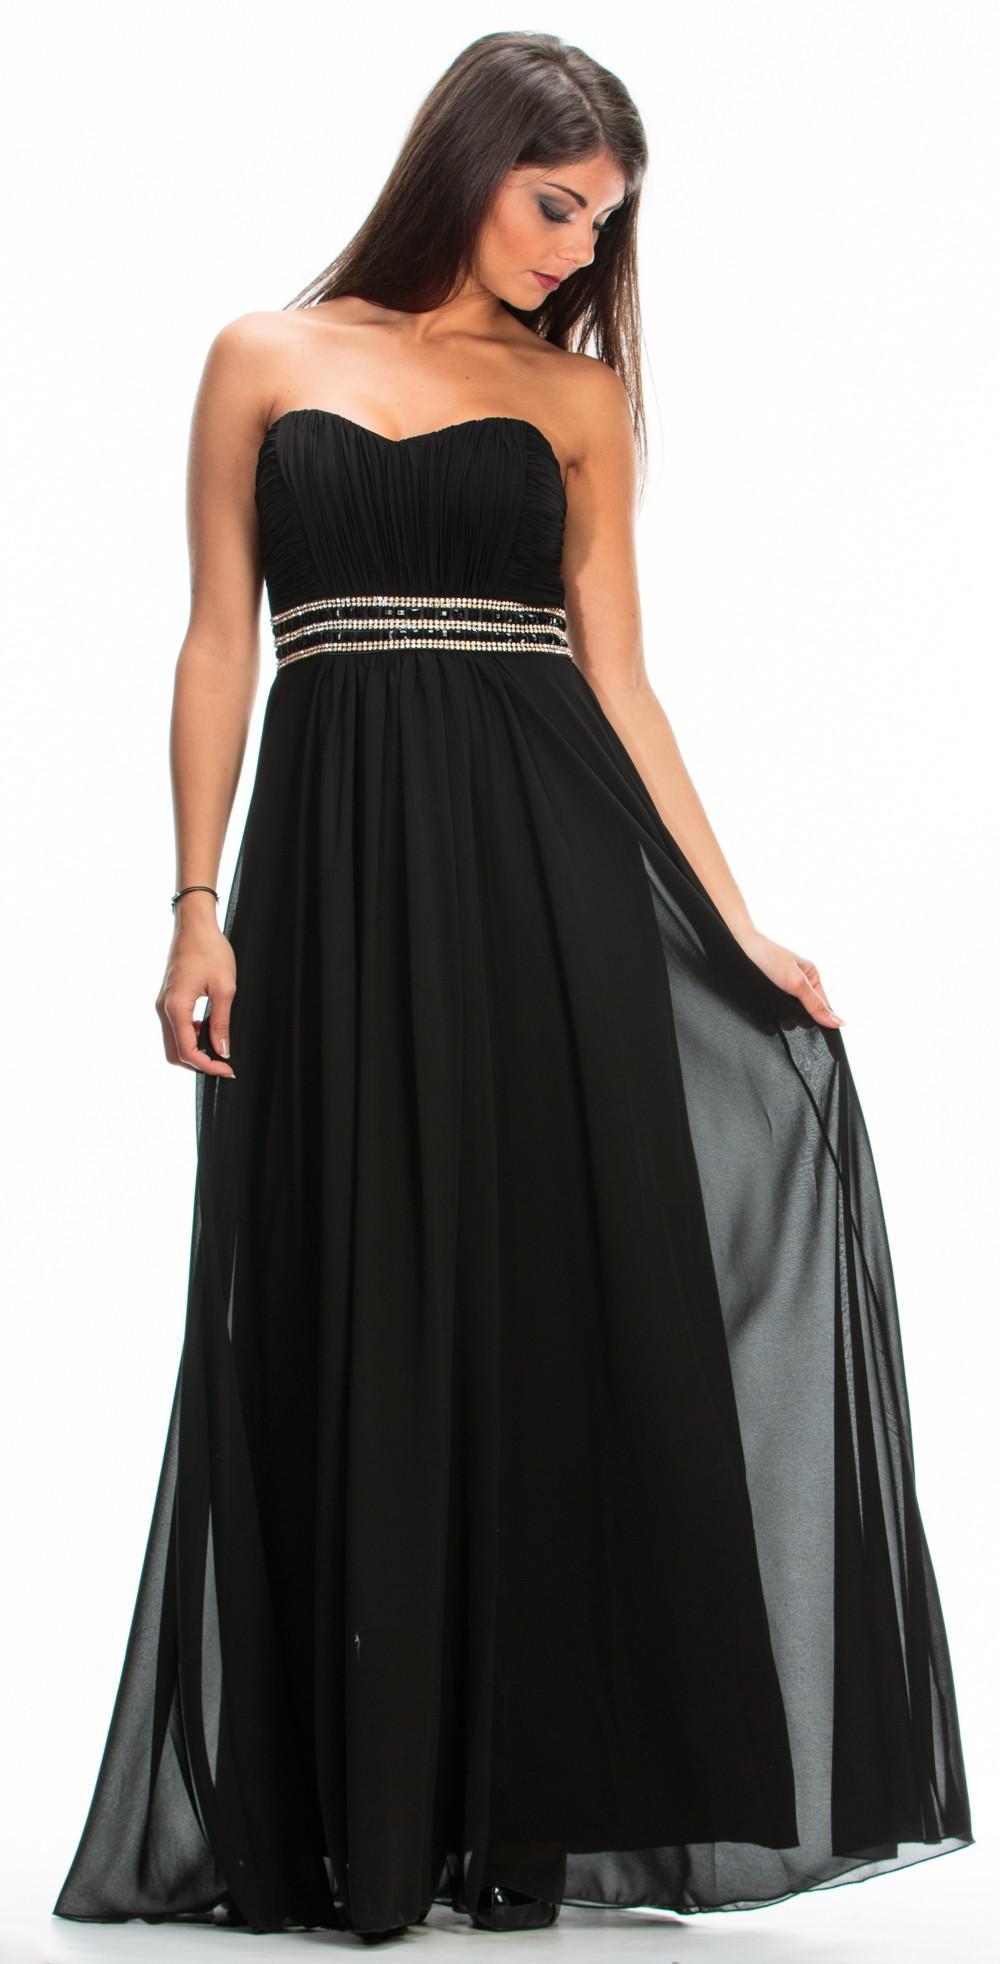 Robe empire noir